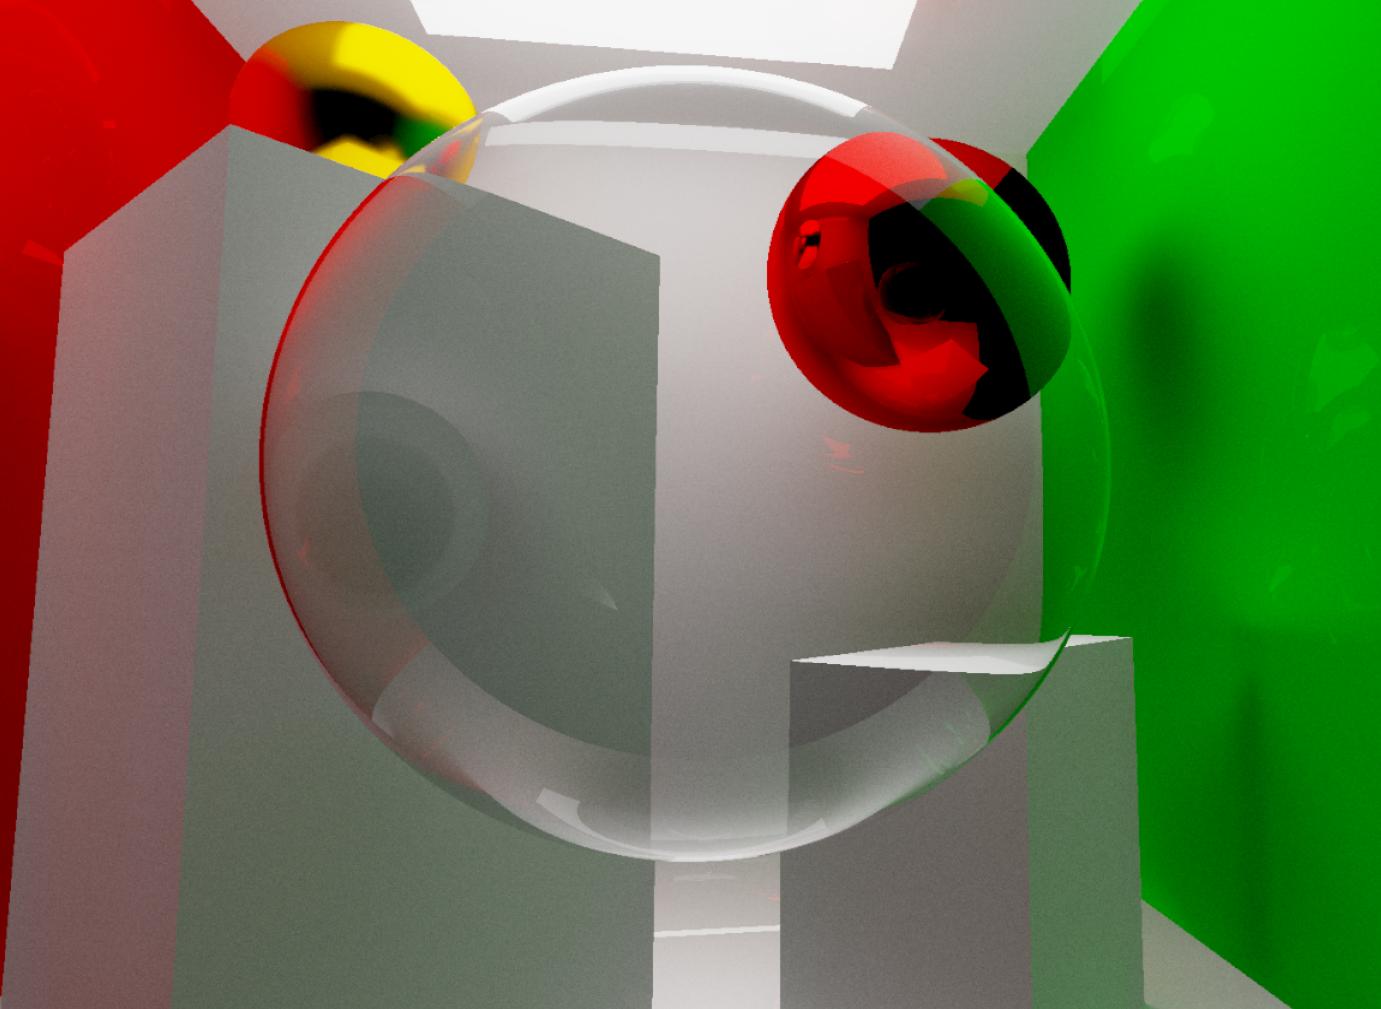 преломление света при взгляде сквозь прозрачную сферу